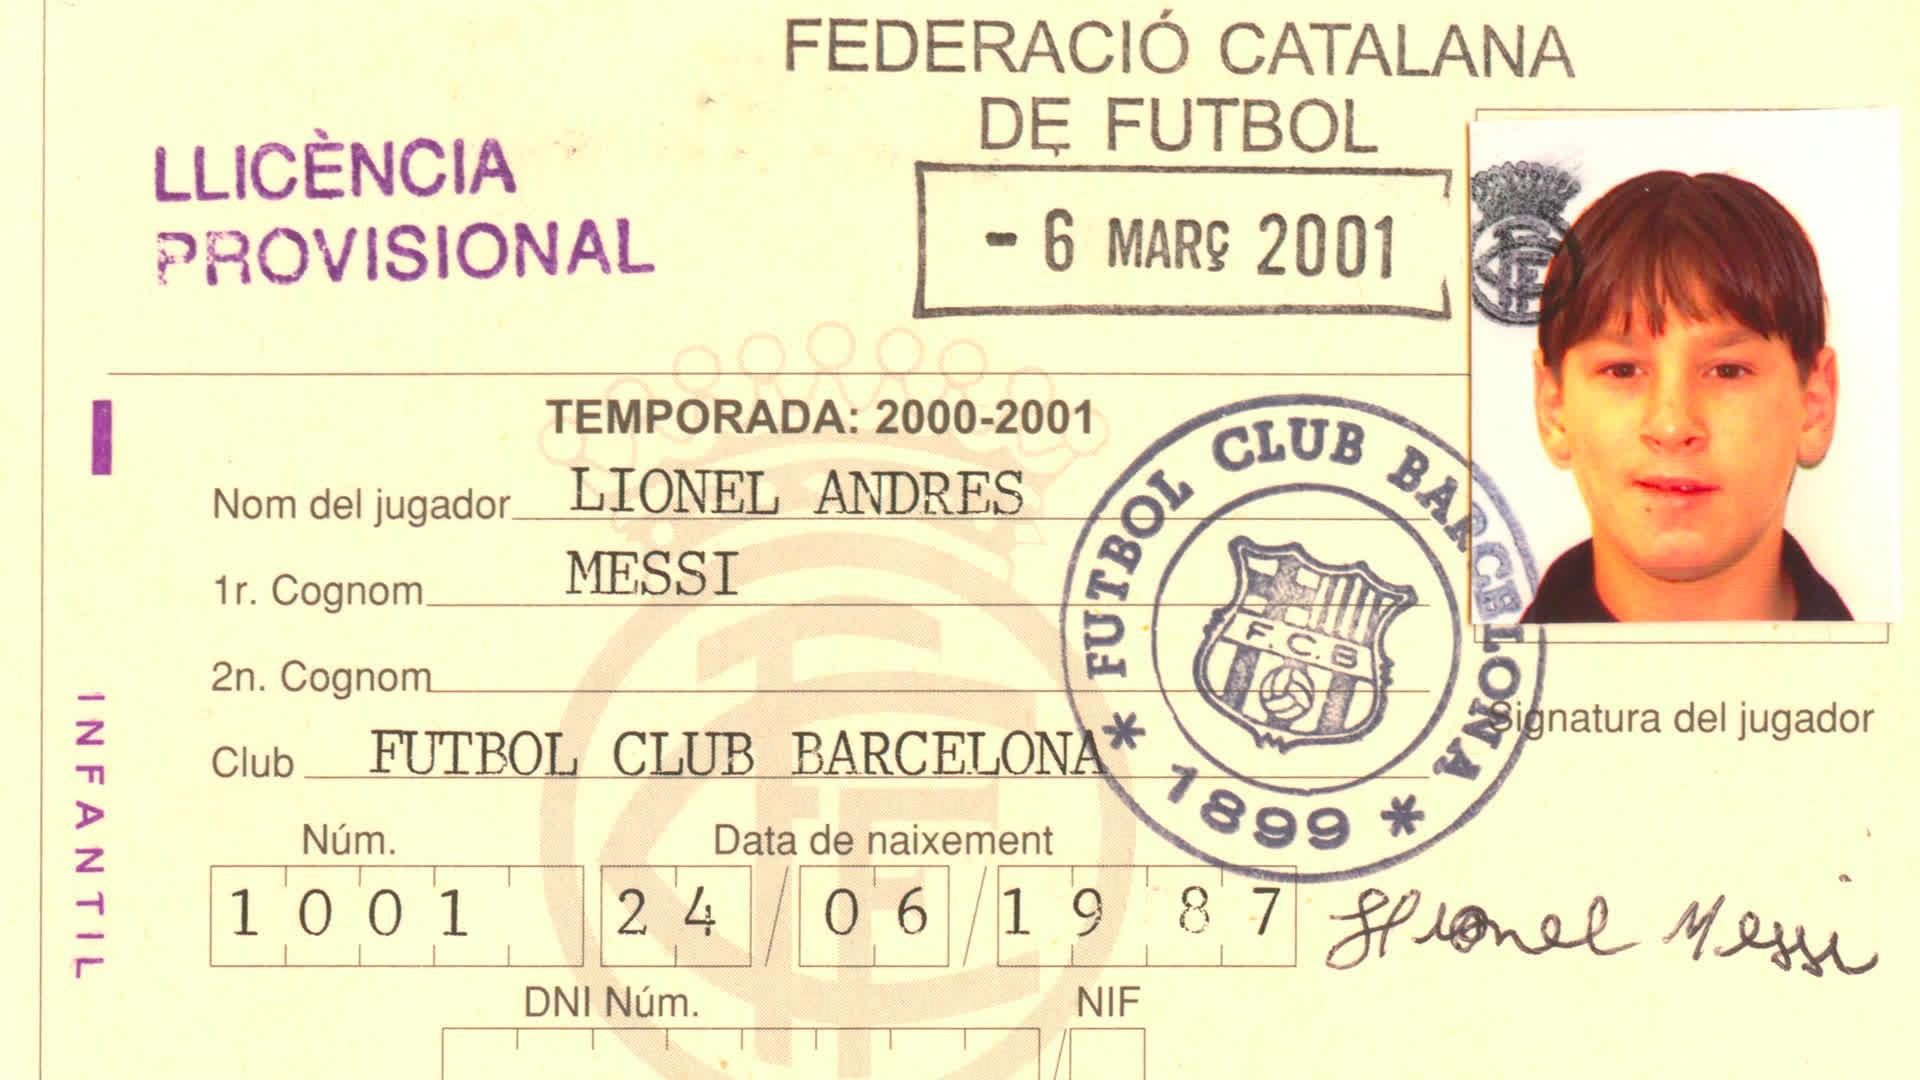 �� Septiembre 2000 Leo #Messi llegó a Barcelona. El mundo ya no sería lo mismo. https://t.co/LyAeNUR5xW